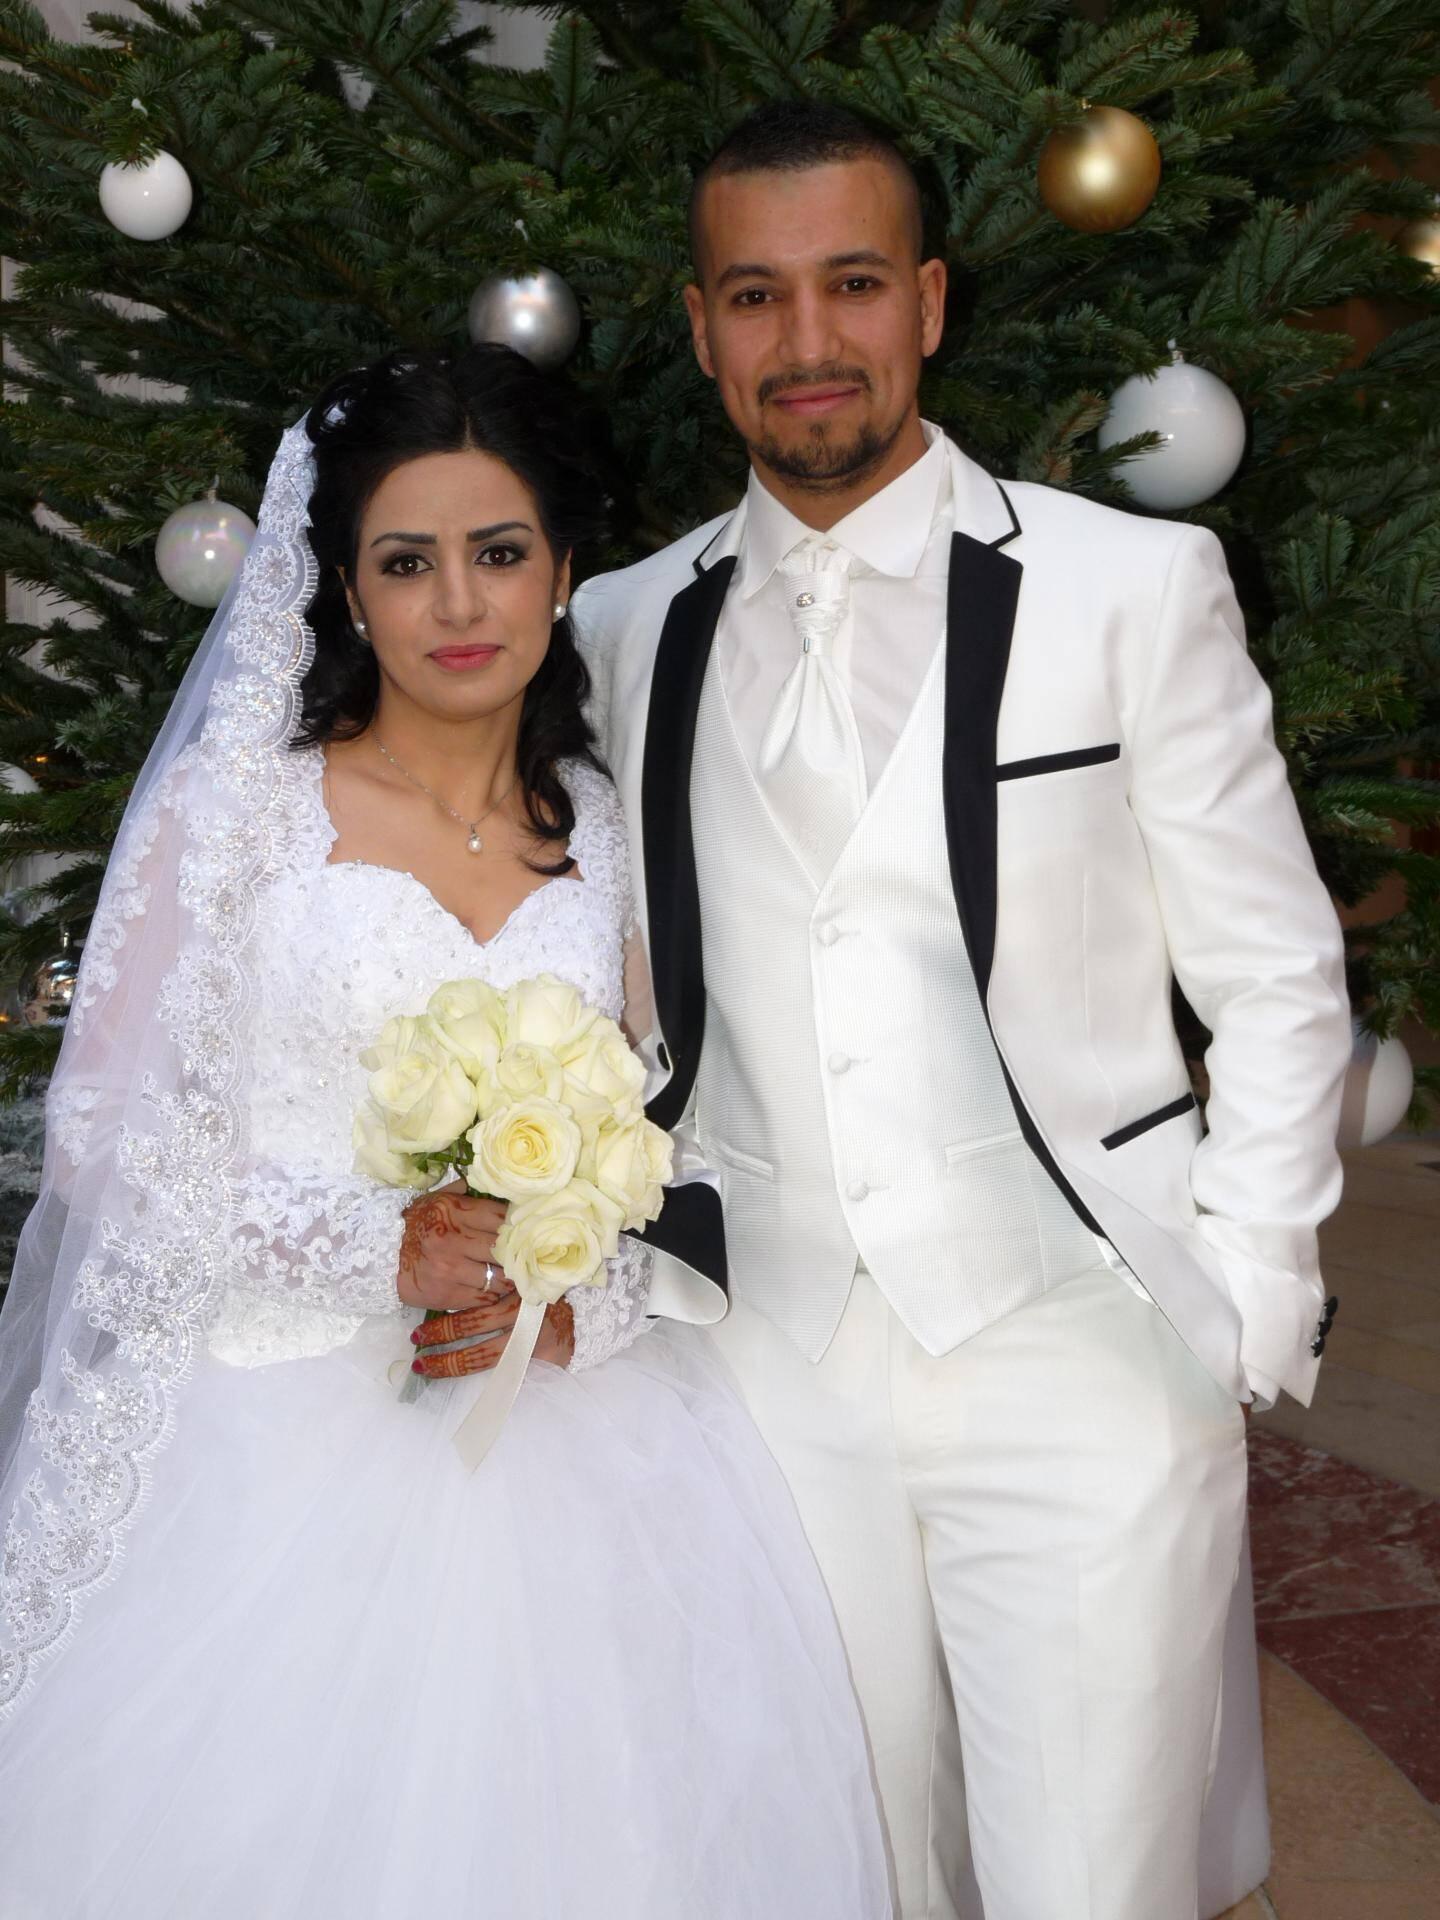 Fatima Bebbi, étudiante, et Moussa Ben Zirar, chauffeur poids lourds.